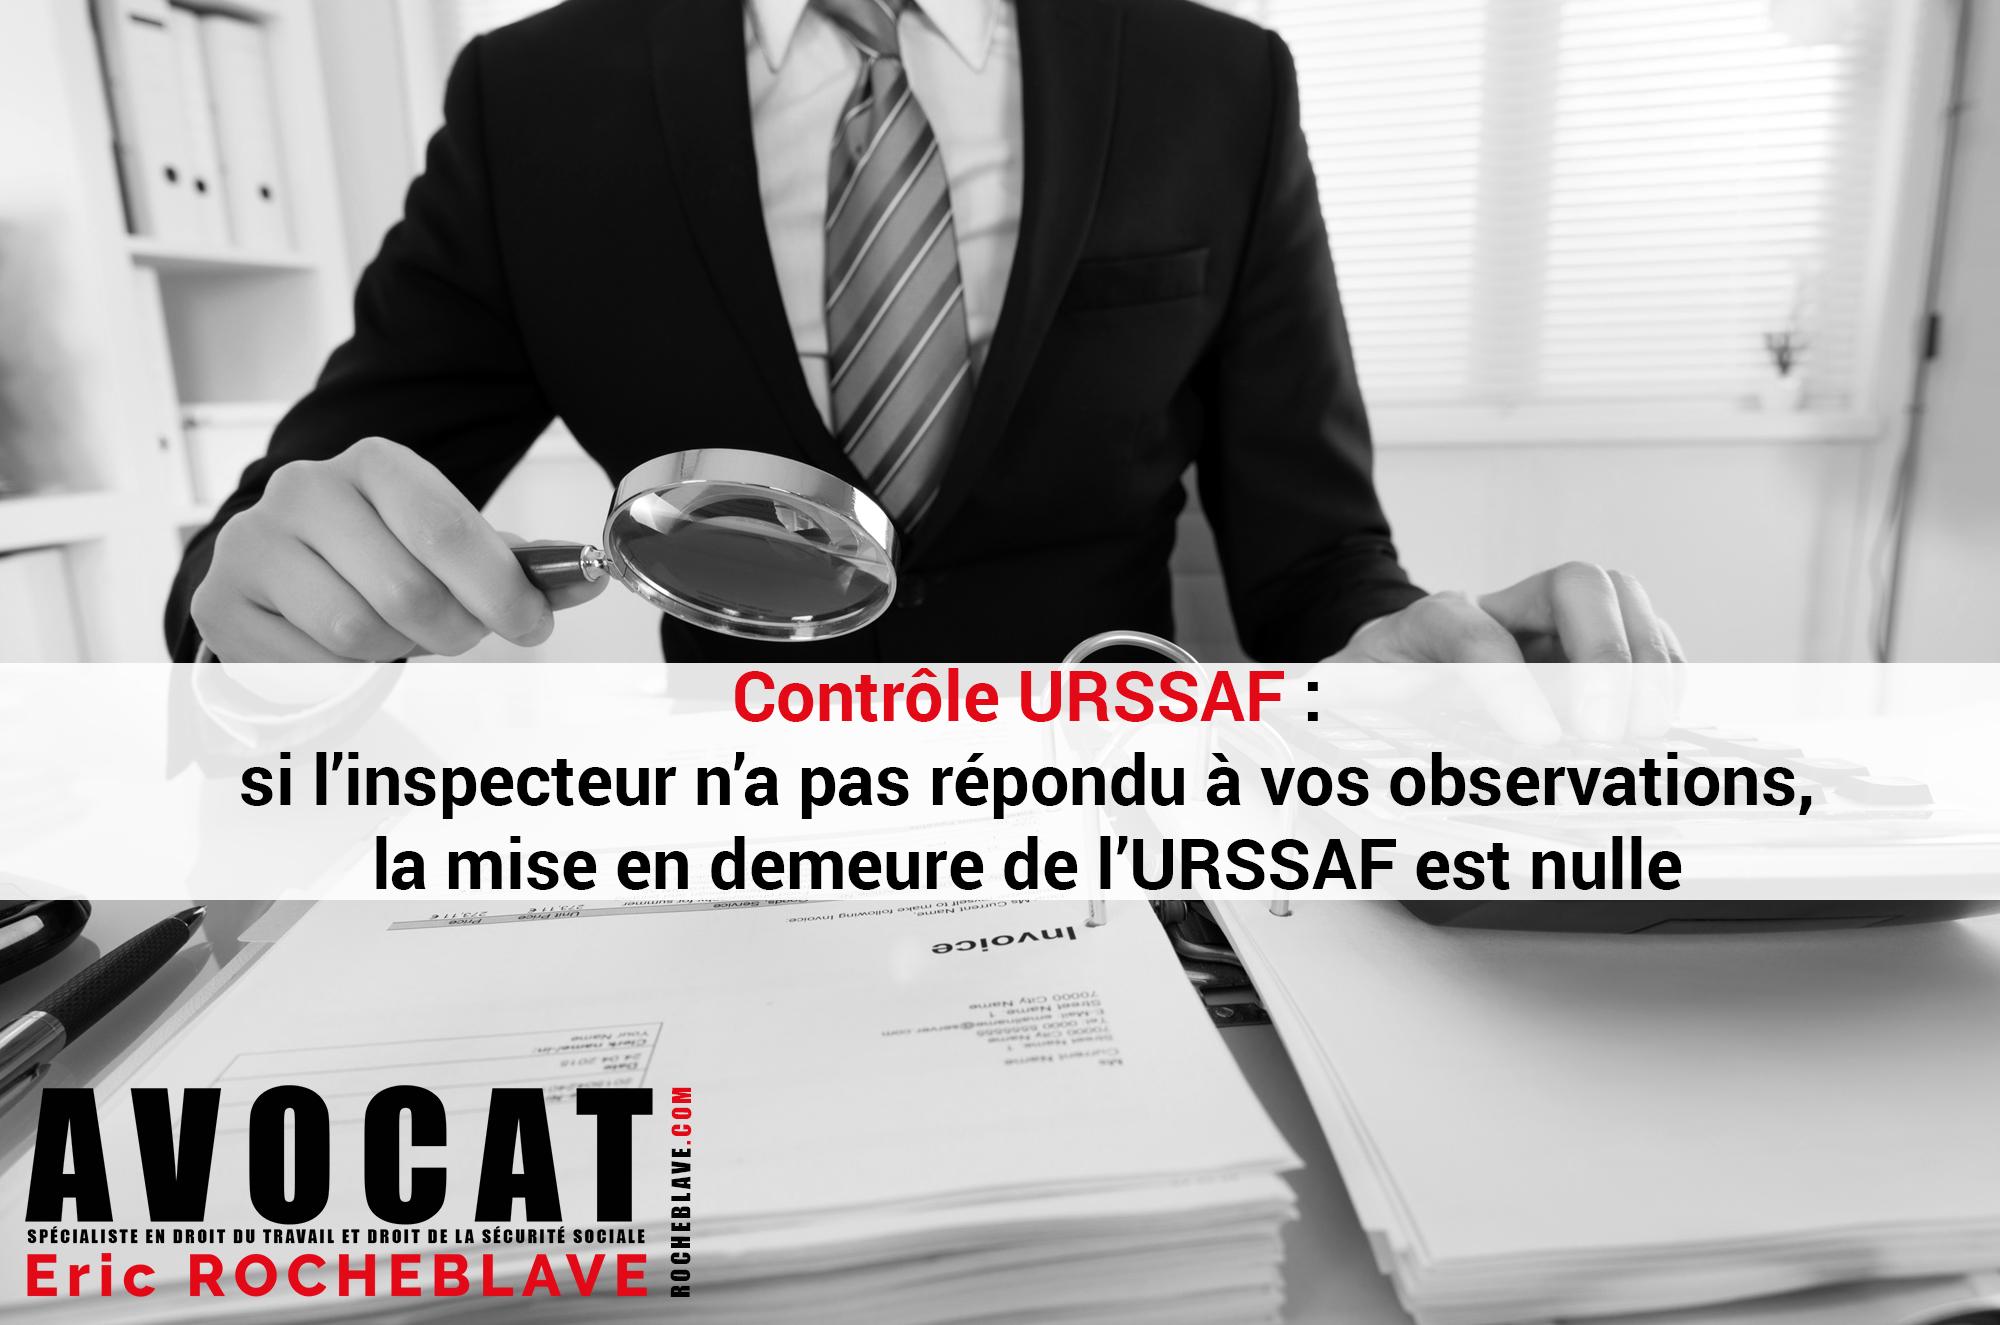 Contrôle URSSAF : si l'inspecteur n'a pas répondu à vos observations, la mise en demeure de l'URSSAF est nulle